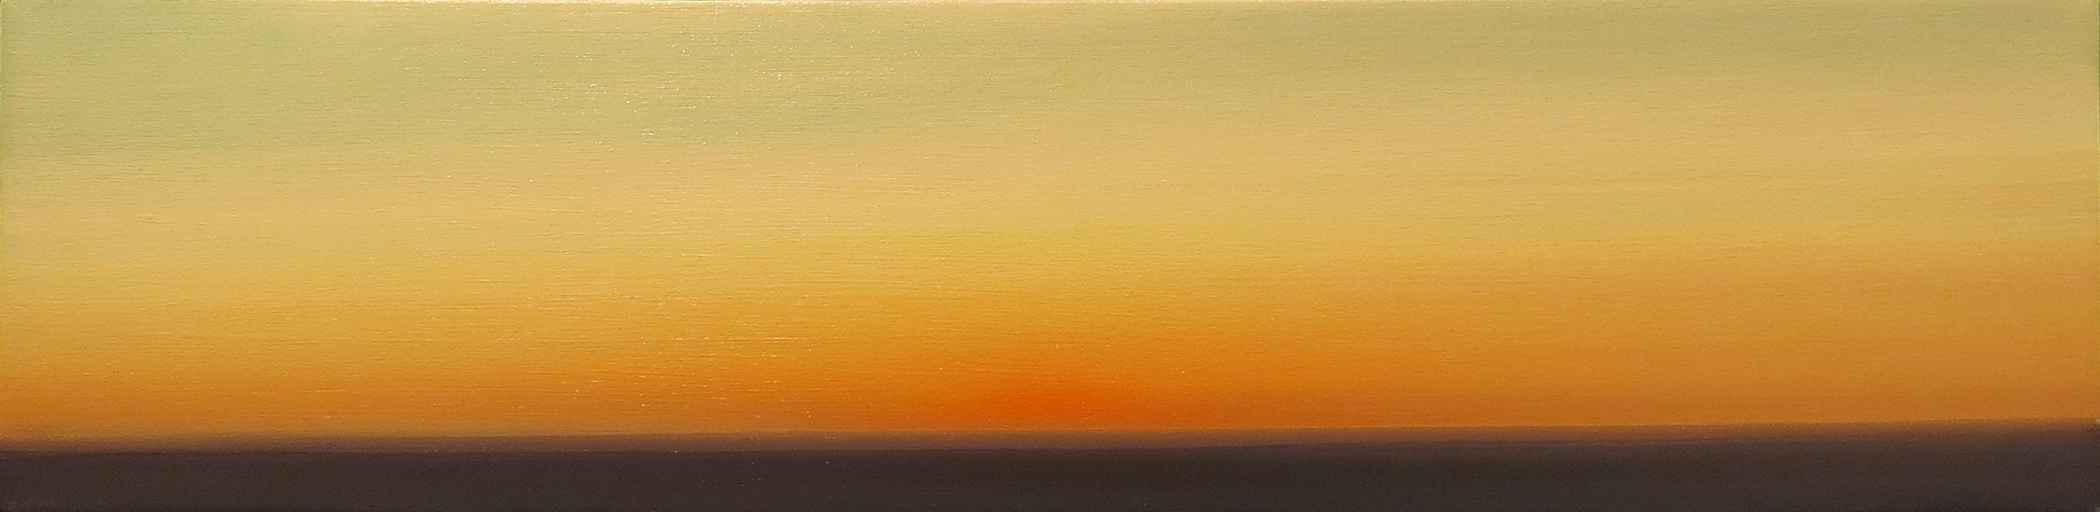 Cloud Veil at Sundown by  Lisa Grossman - Masterpiece Online